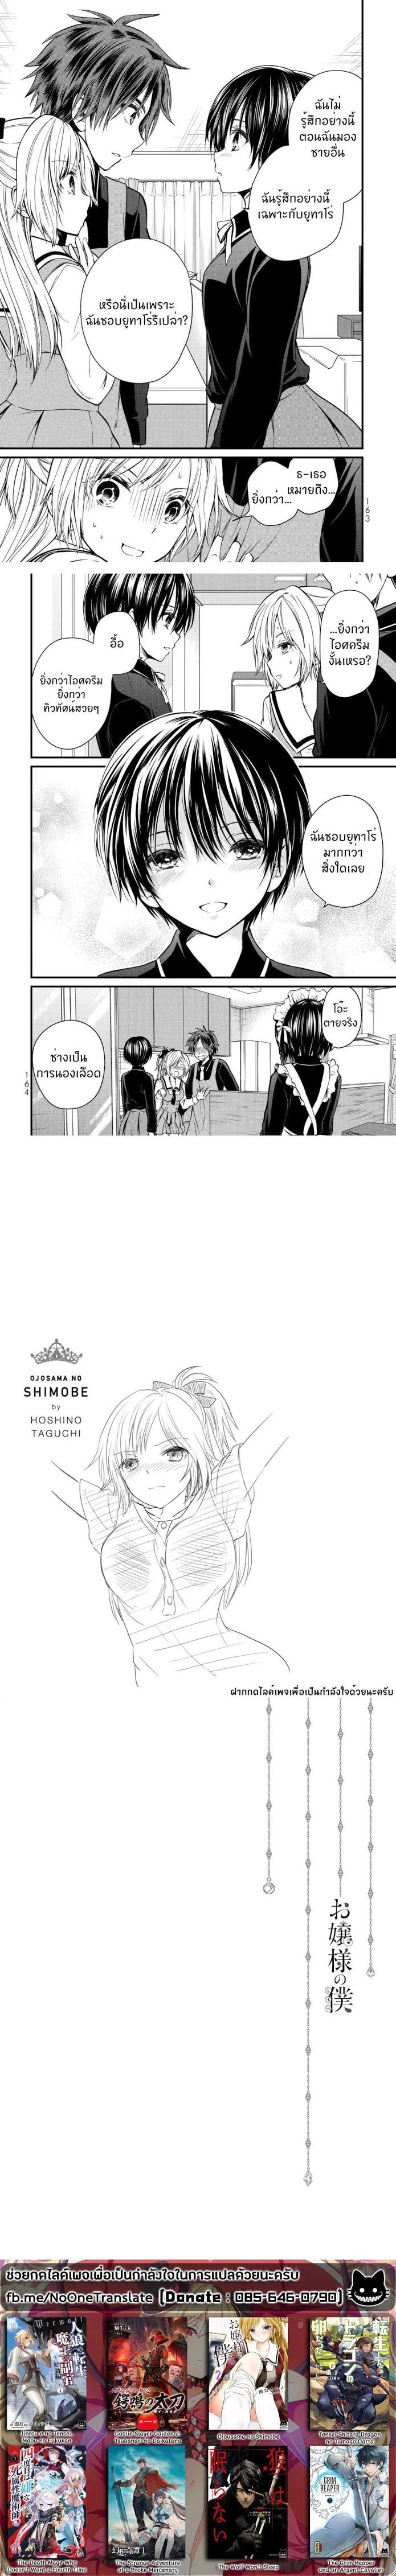 อ่านการ์ตูน Ojousama no Shimobe ตอนที่ 18 หน้าที่ 20